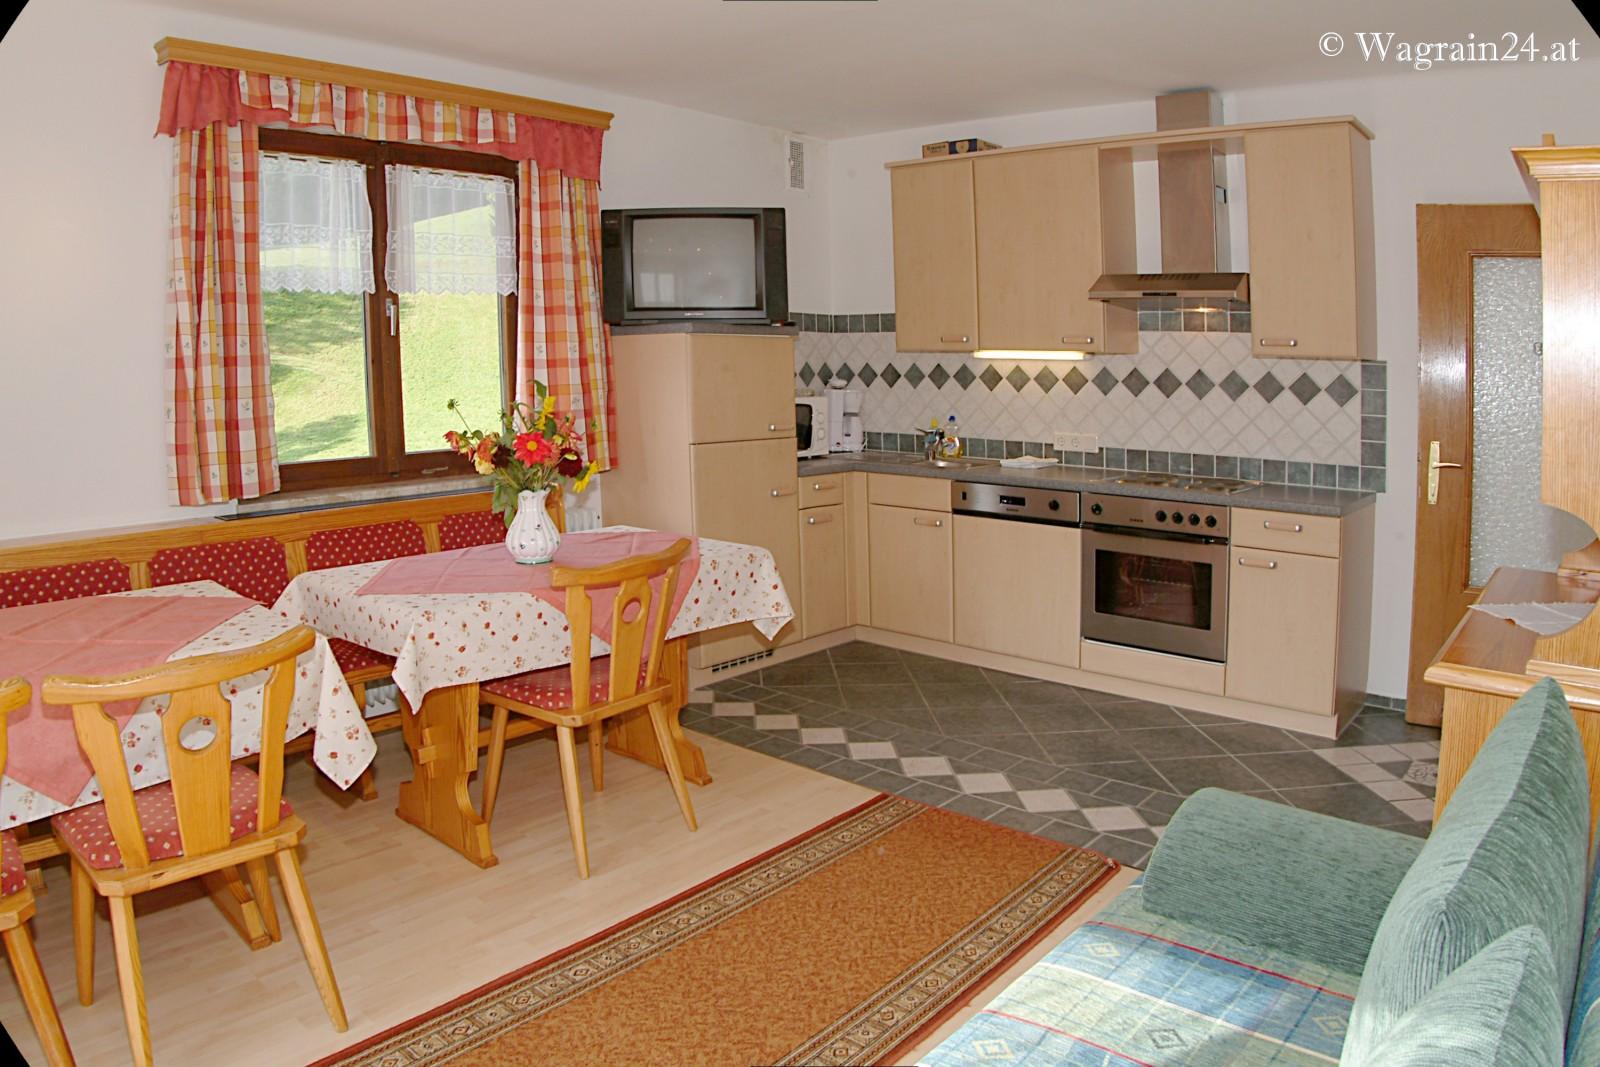 Appartement - Ferienwohnung im Bauernhof Hinterleiten